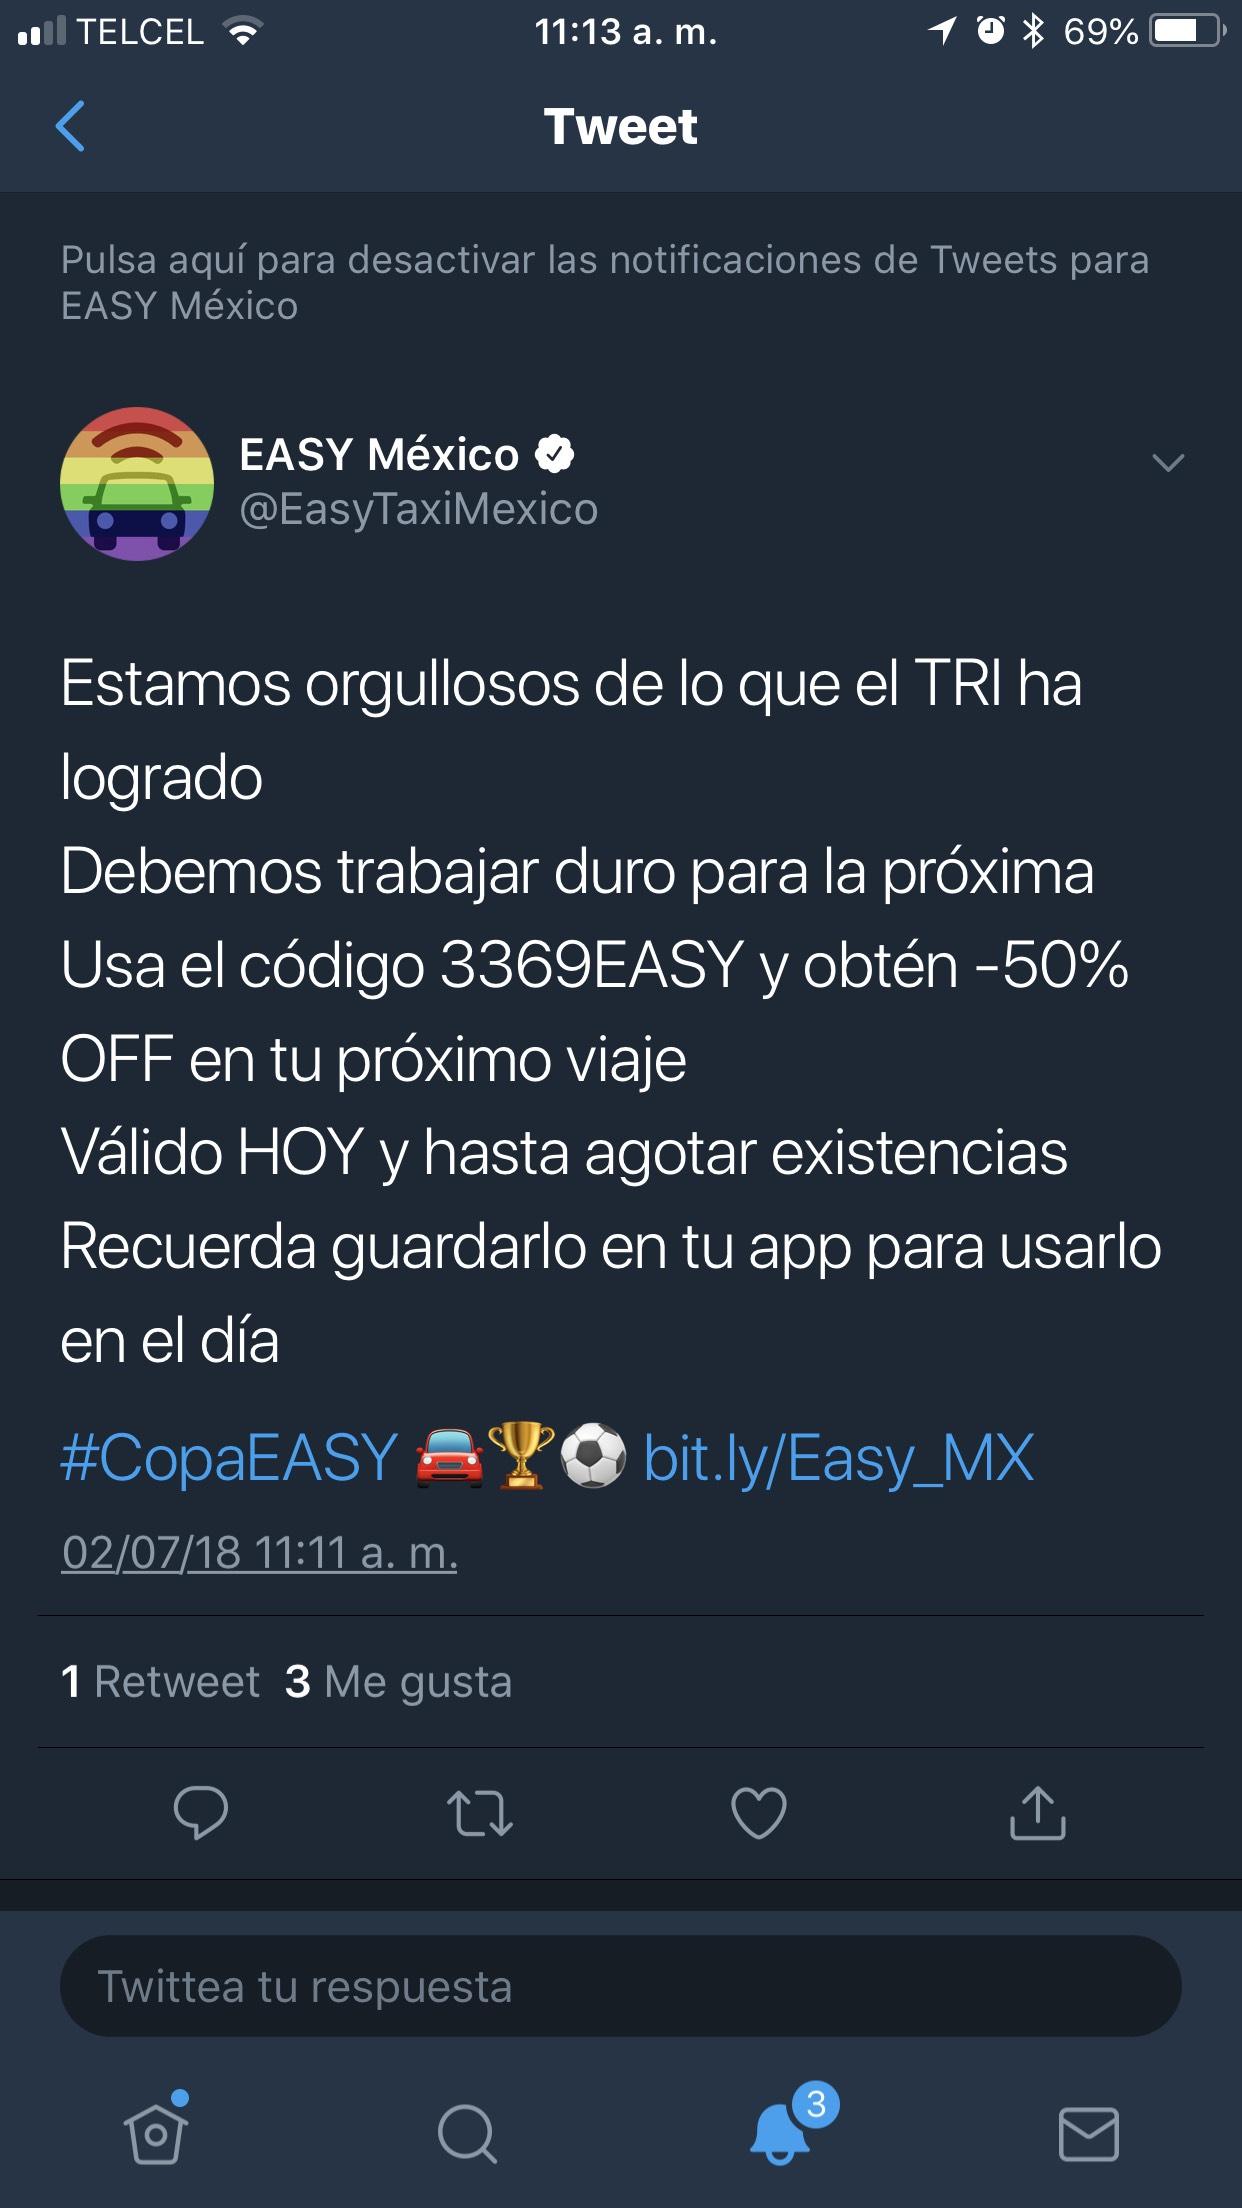 Easy Taxi: Cupón 50%